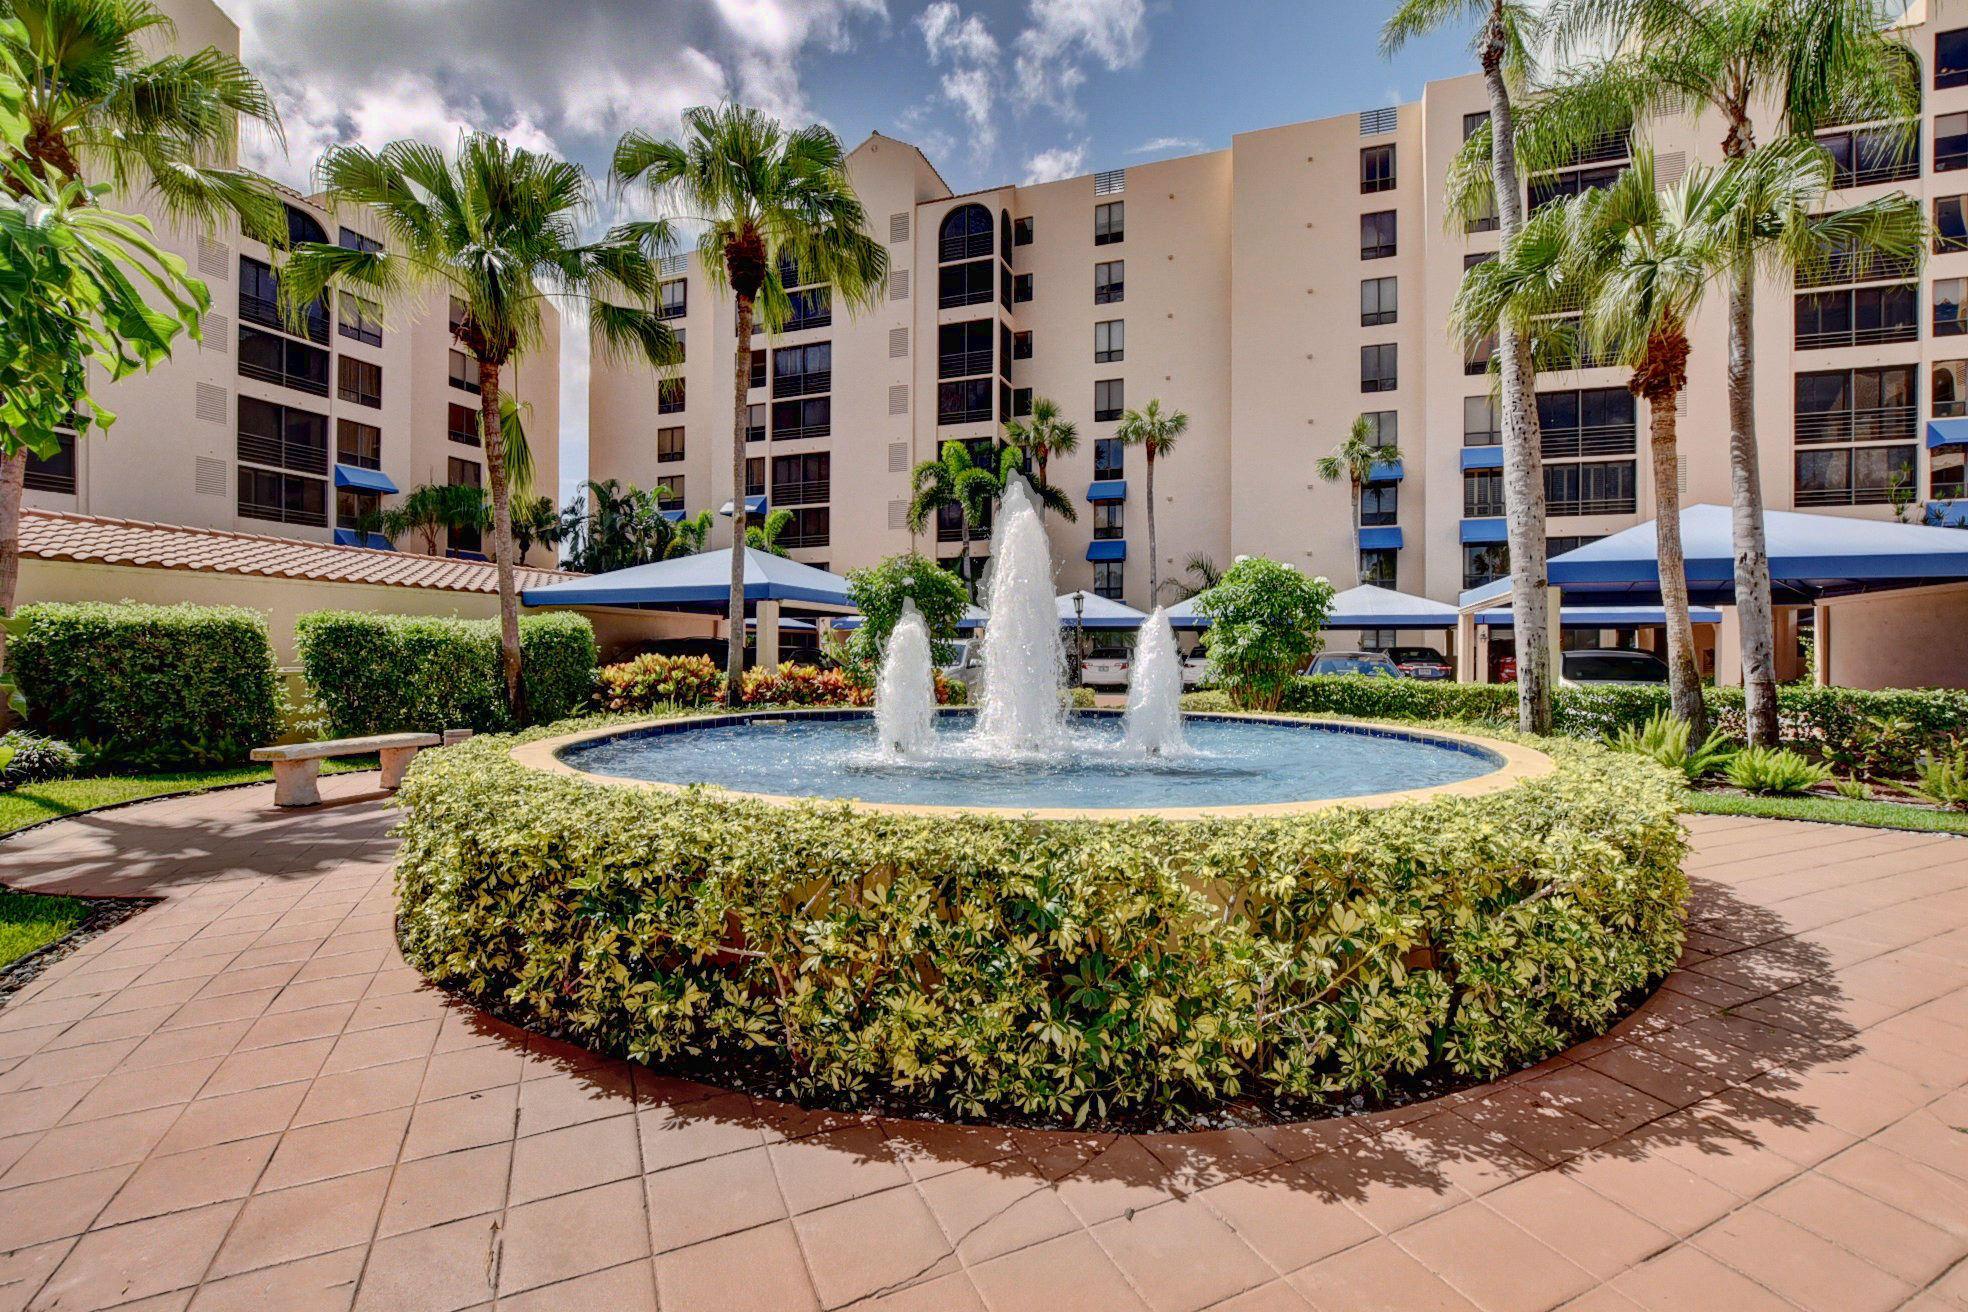 7194 Promenade Drive Boca Raton, FL 33433